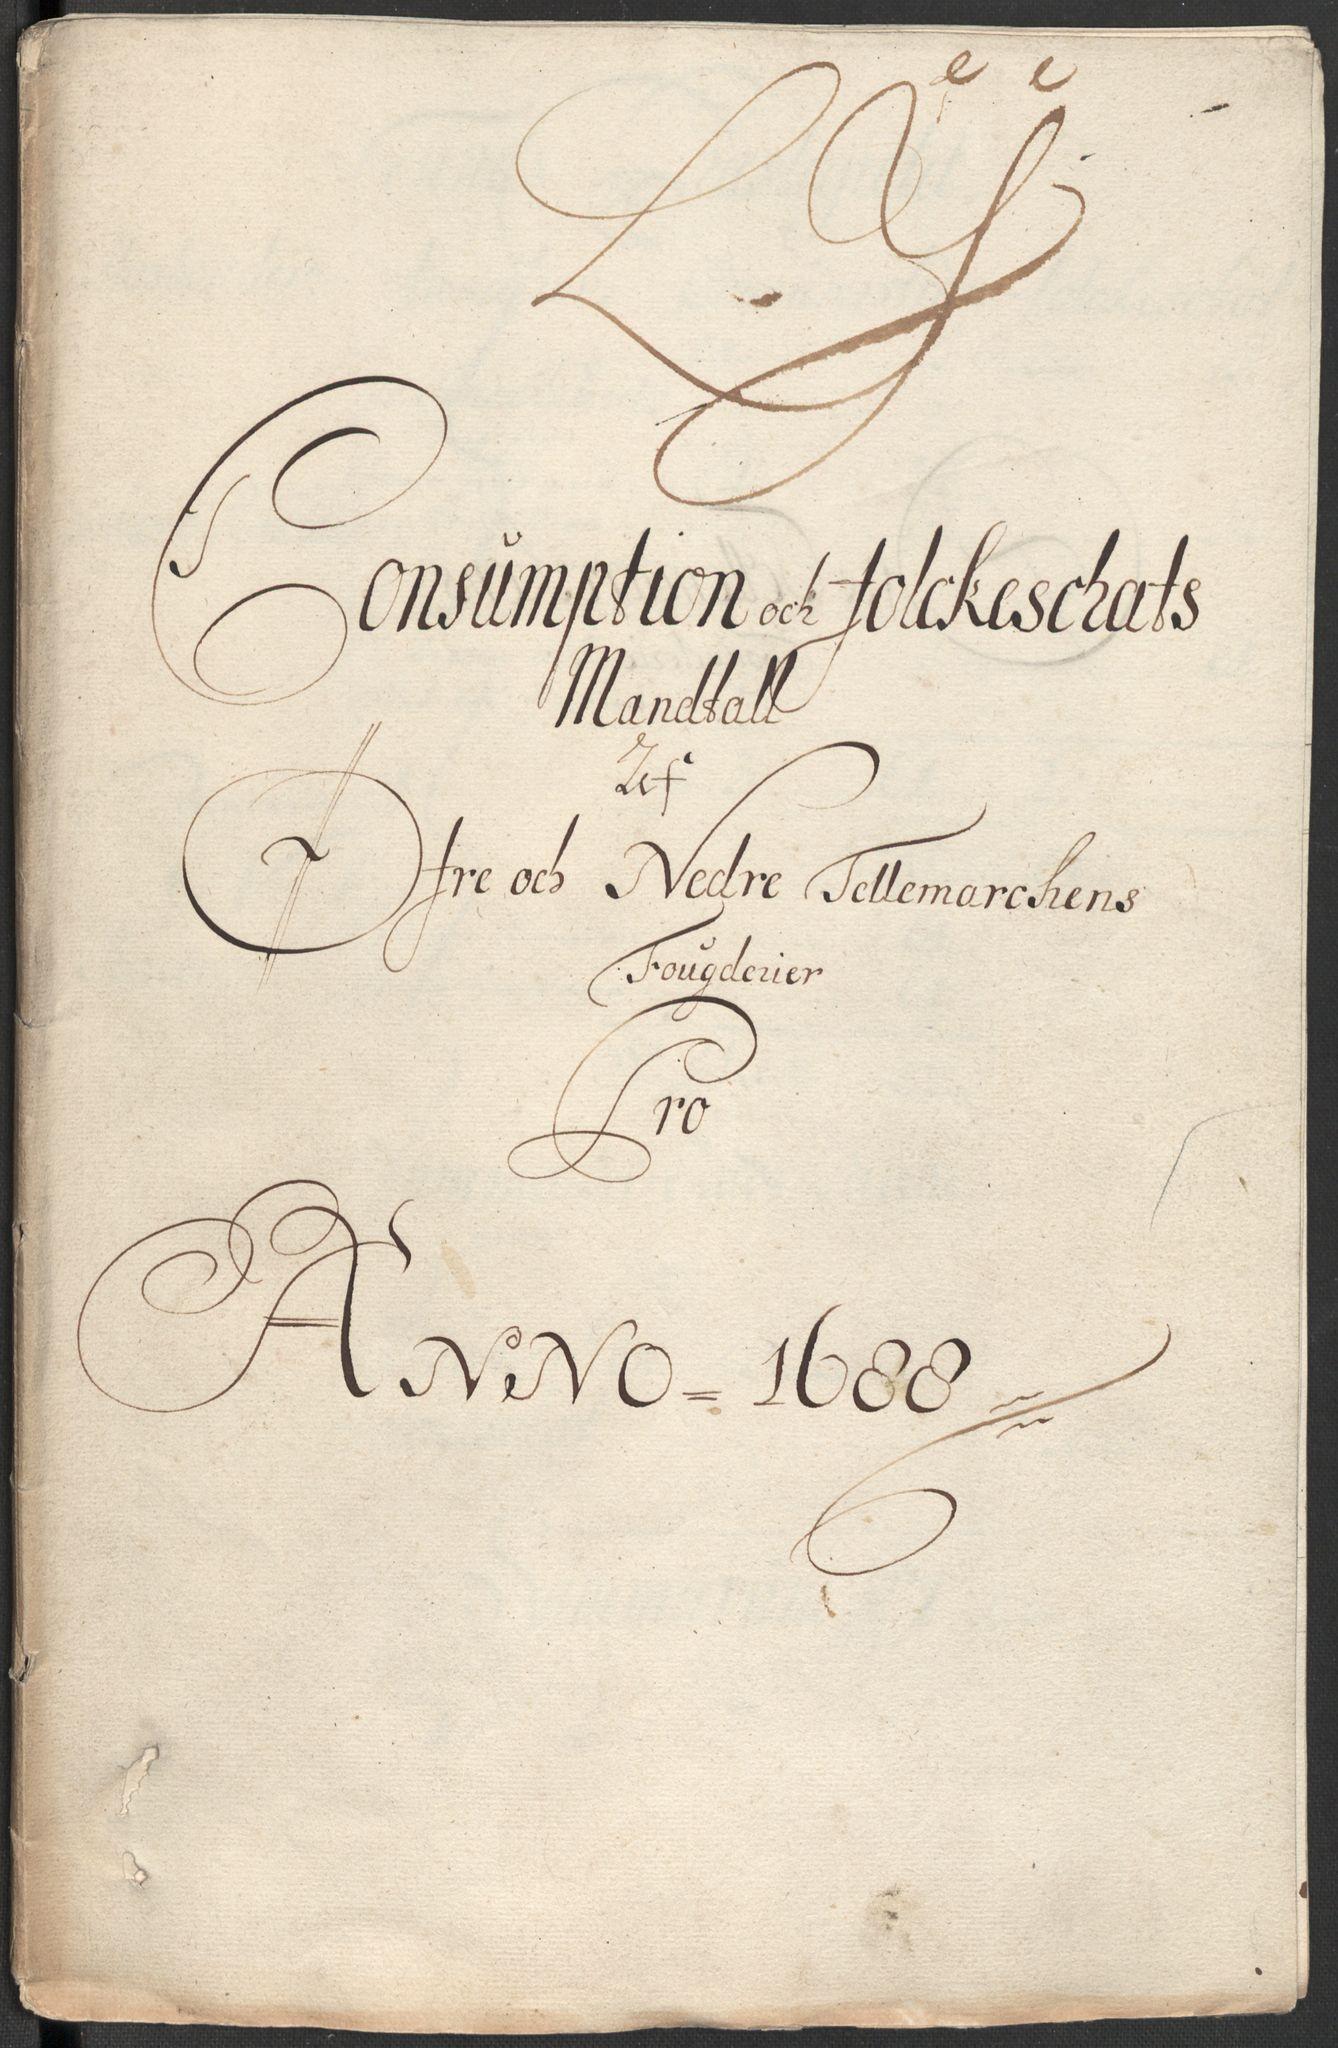 RA, Rentekammeret inntil 1814, Reviderte regnskaper, Fogderegnskap, R35/L2087: Fogderegnskap Øvre og Nedre Telemark, 1687-1689, s. 332